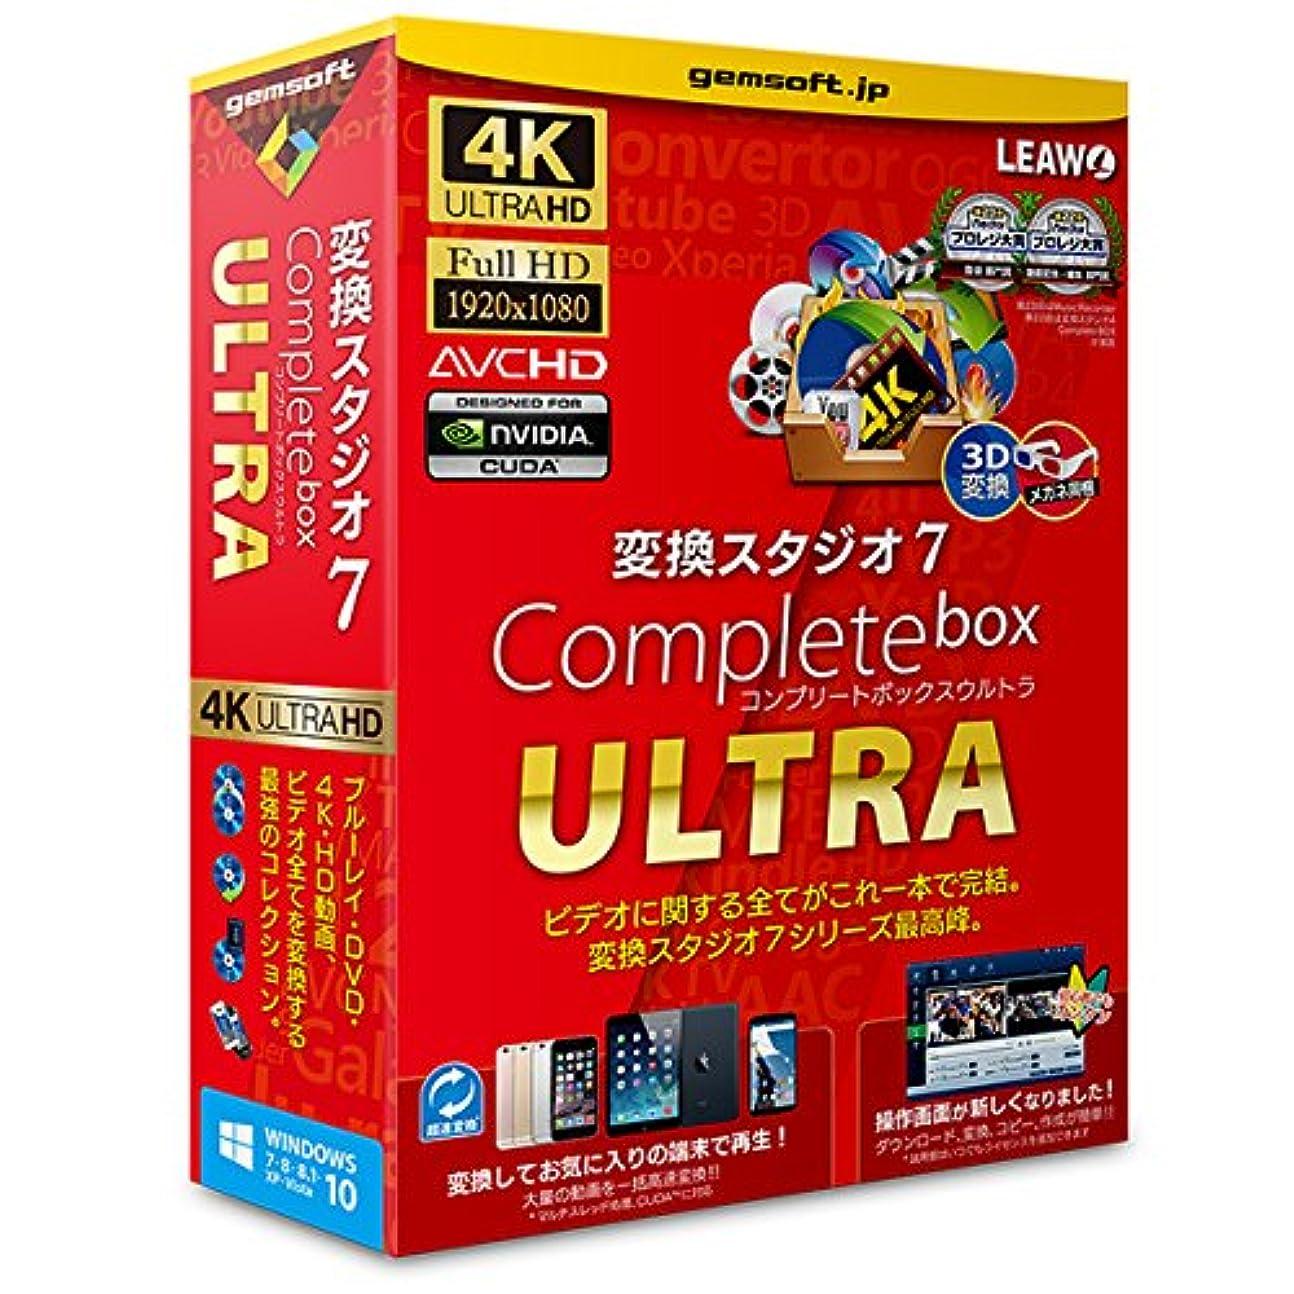 金属せせらぎディプロマ変換スタジオ7 CompleteBOX ULTRA | 変換スタジオ7シリーズ | ボックス版 | Win対応